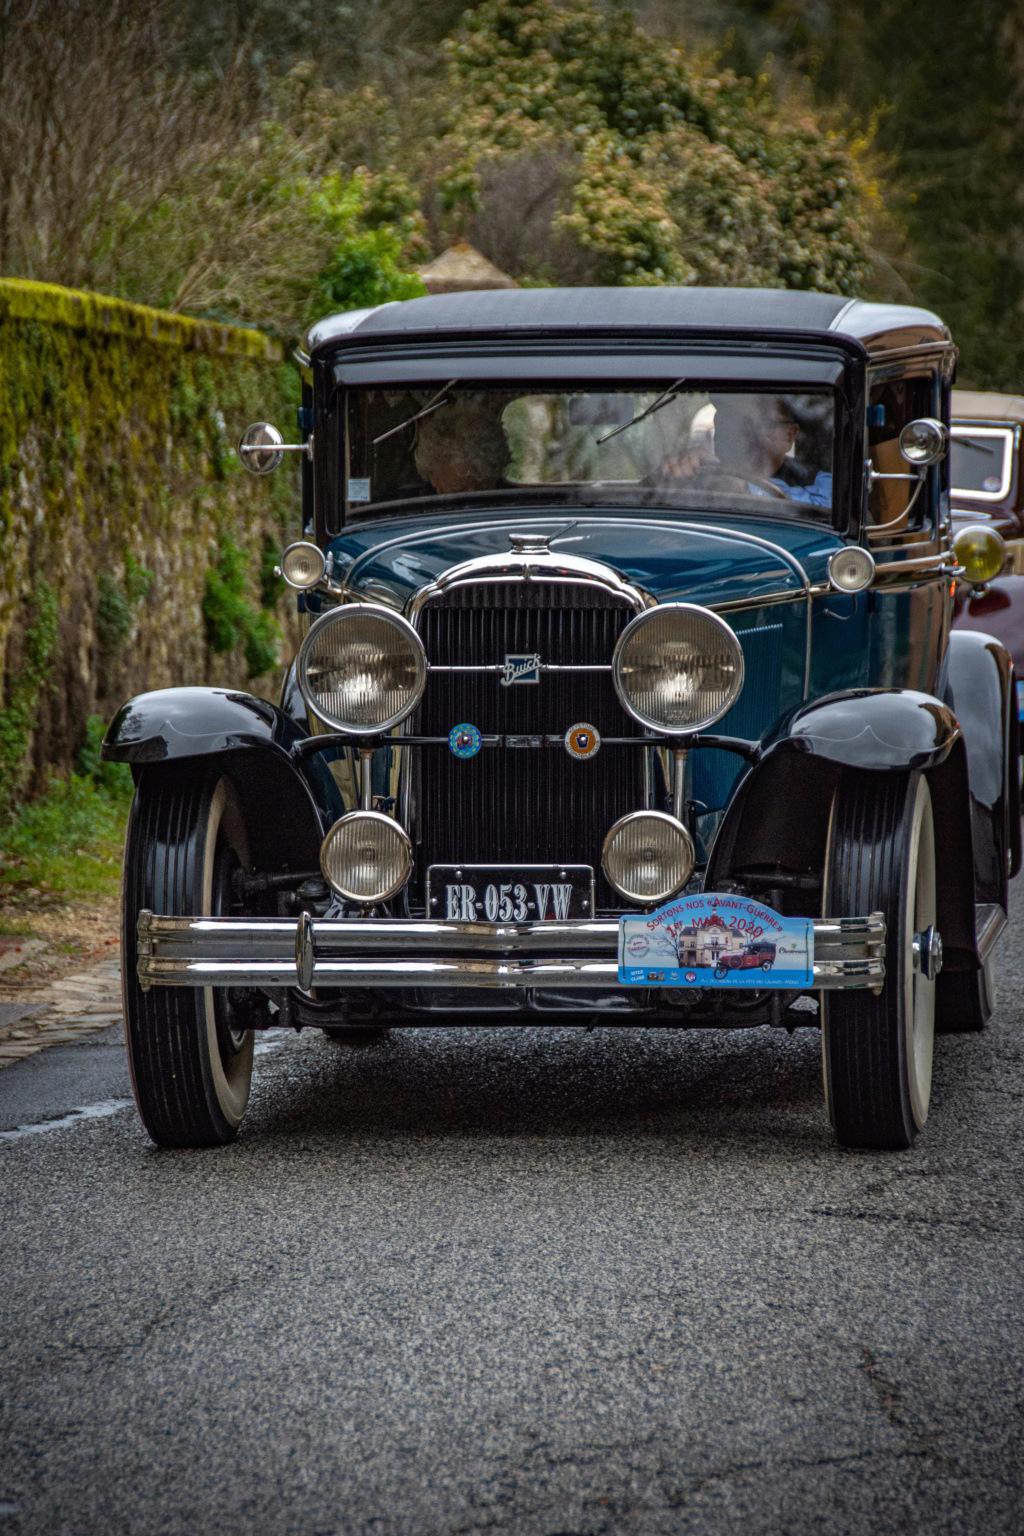 Fête des Grand-Mères Automobiles, dimanche 1er mars 2020 - Page 2 Dsc_5353